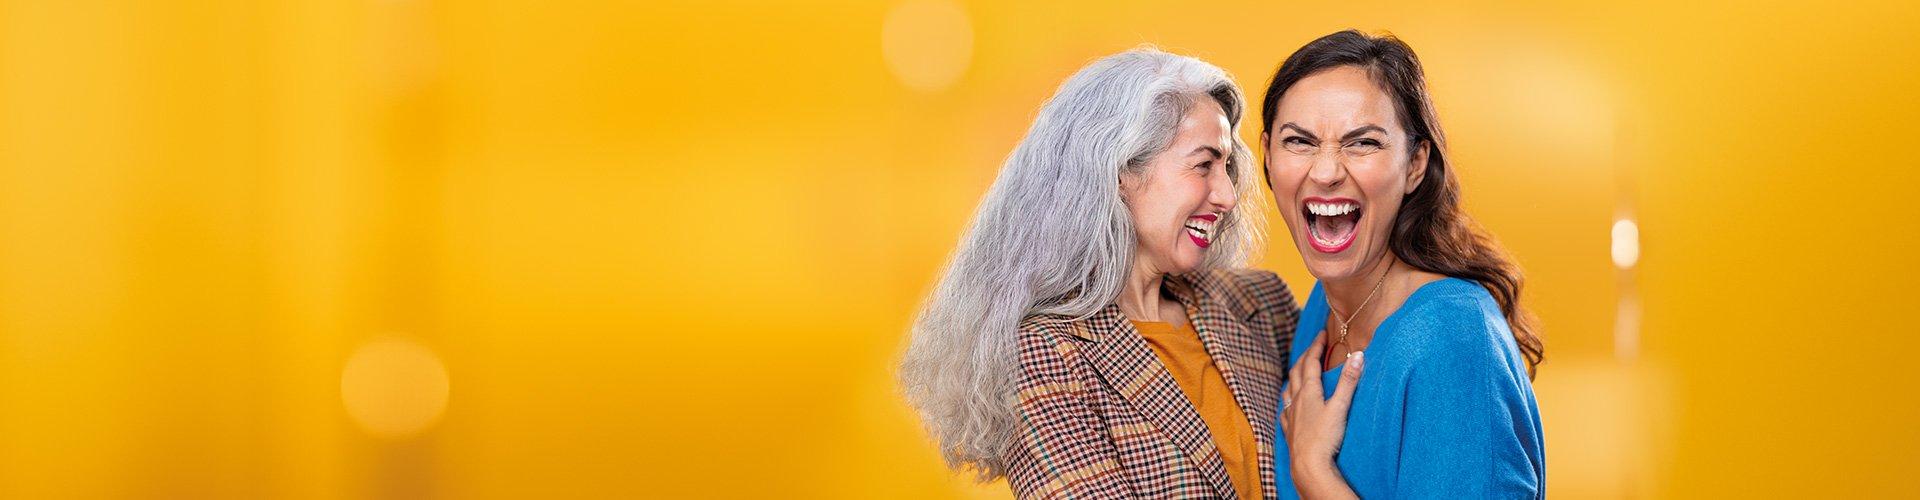 2人の中年の女性がお互いをハグします。 1つは、フィリップスHearLinkインイヤーイヤー補聴器を着用しています。